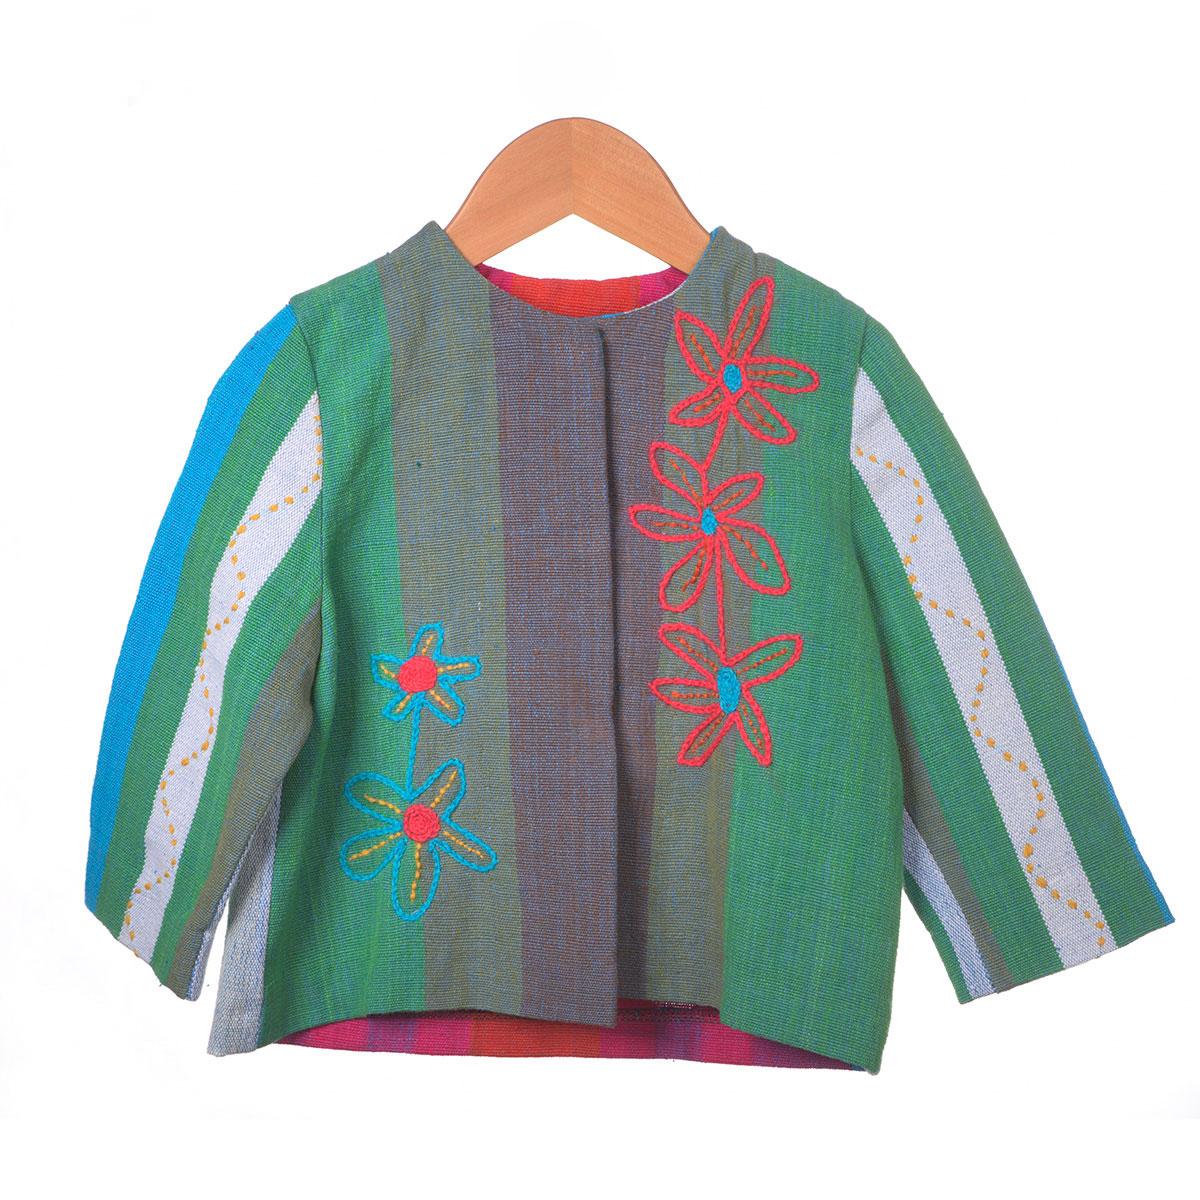 Grijs groen gestreept jasje met rode bloem borduursel